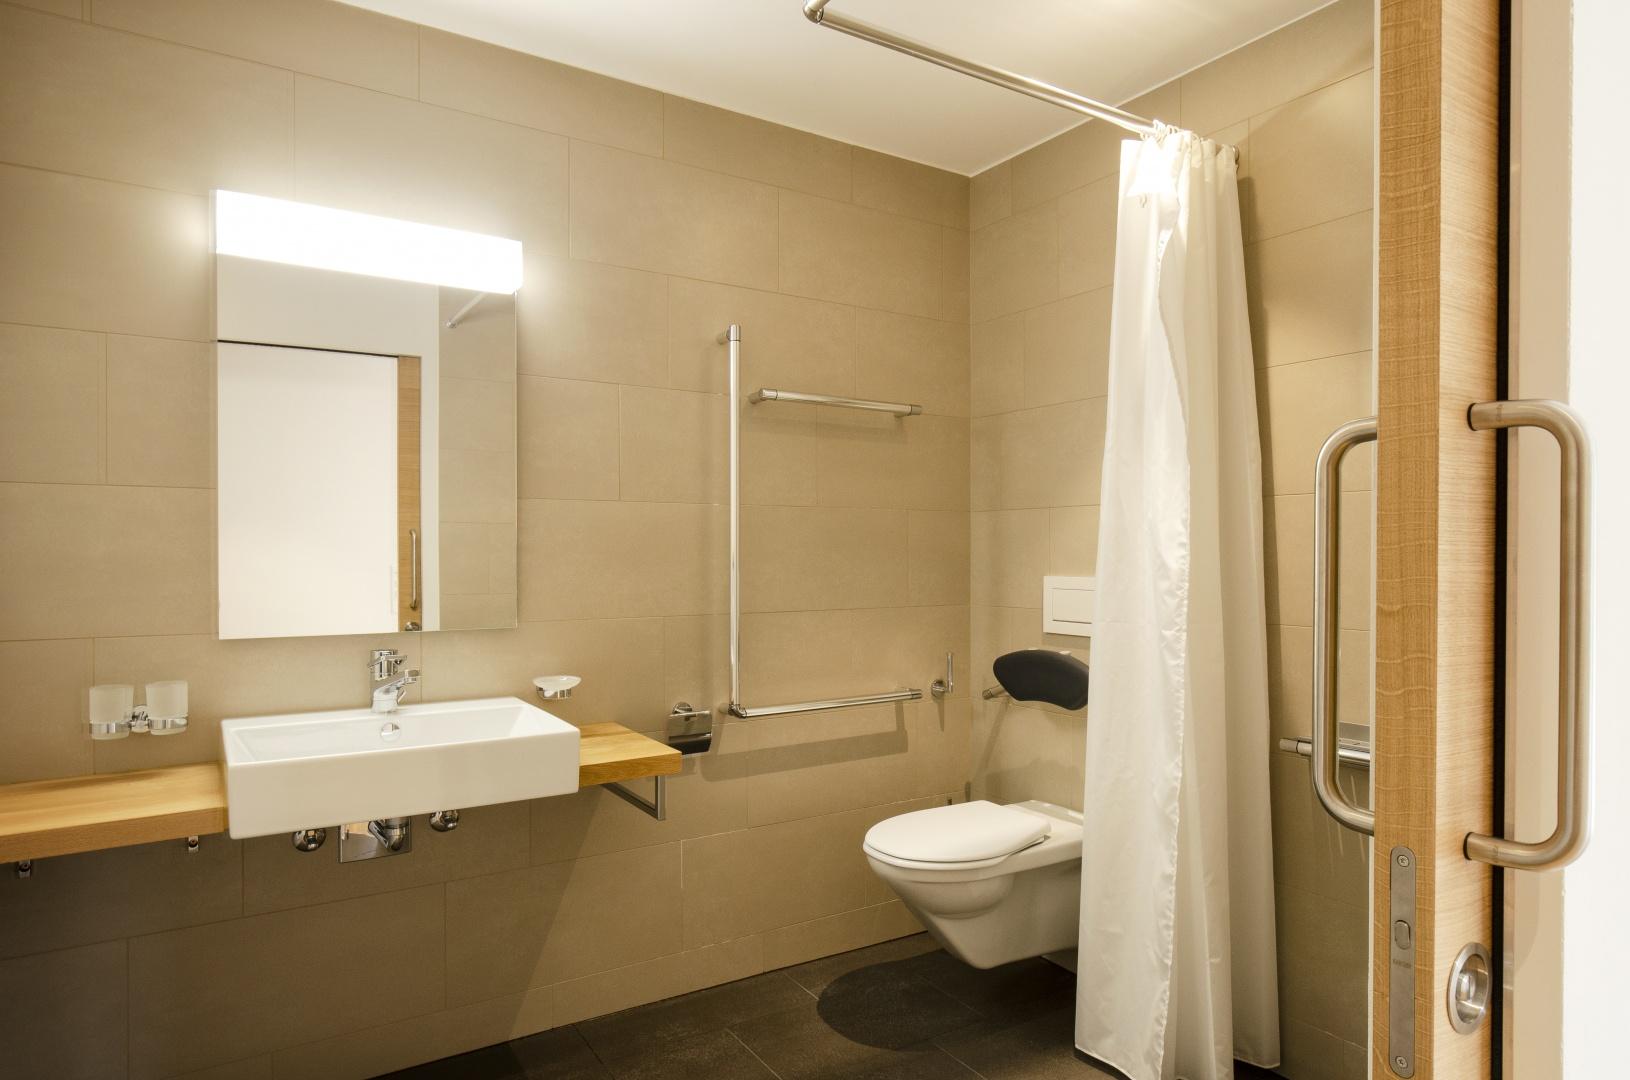 Badezimmer © Fanzun AG, Salvatorenstrasse 66, 7000 Chur